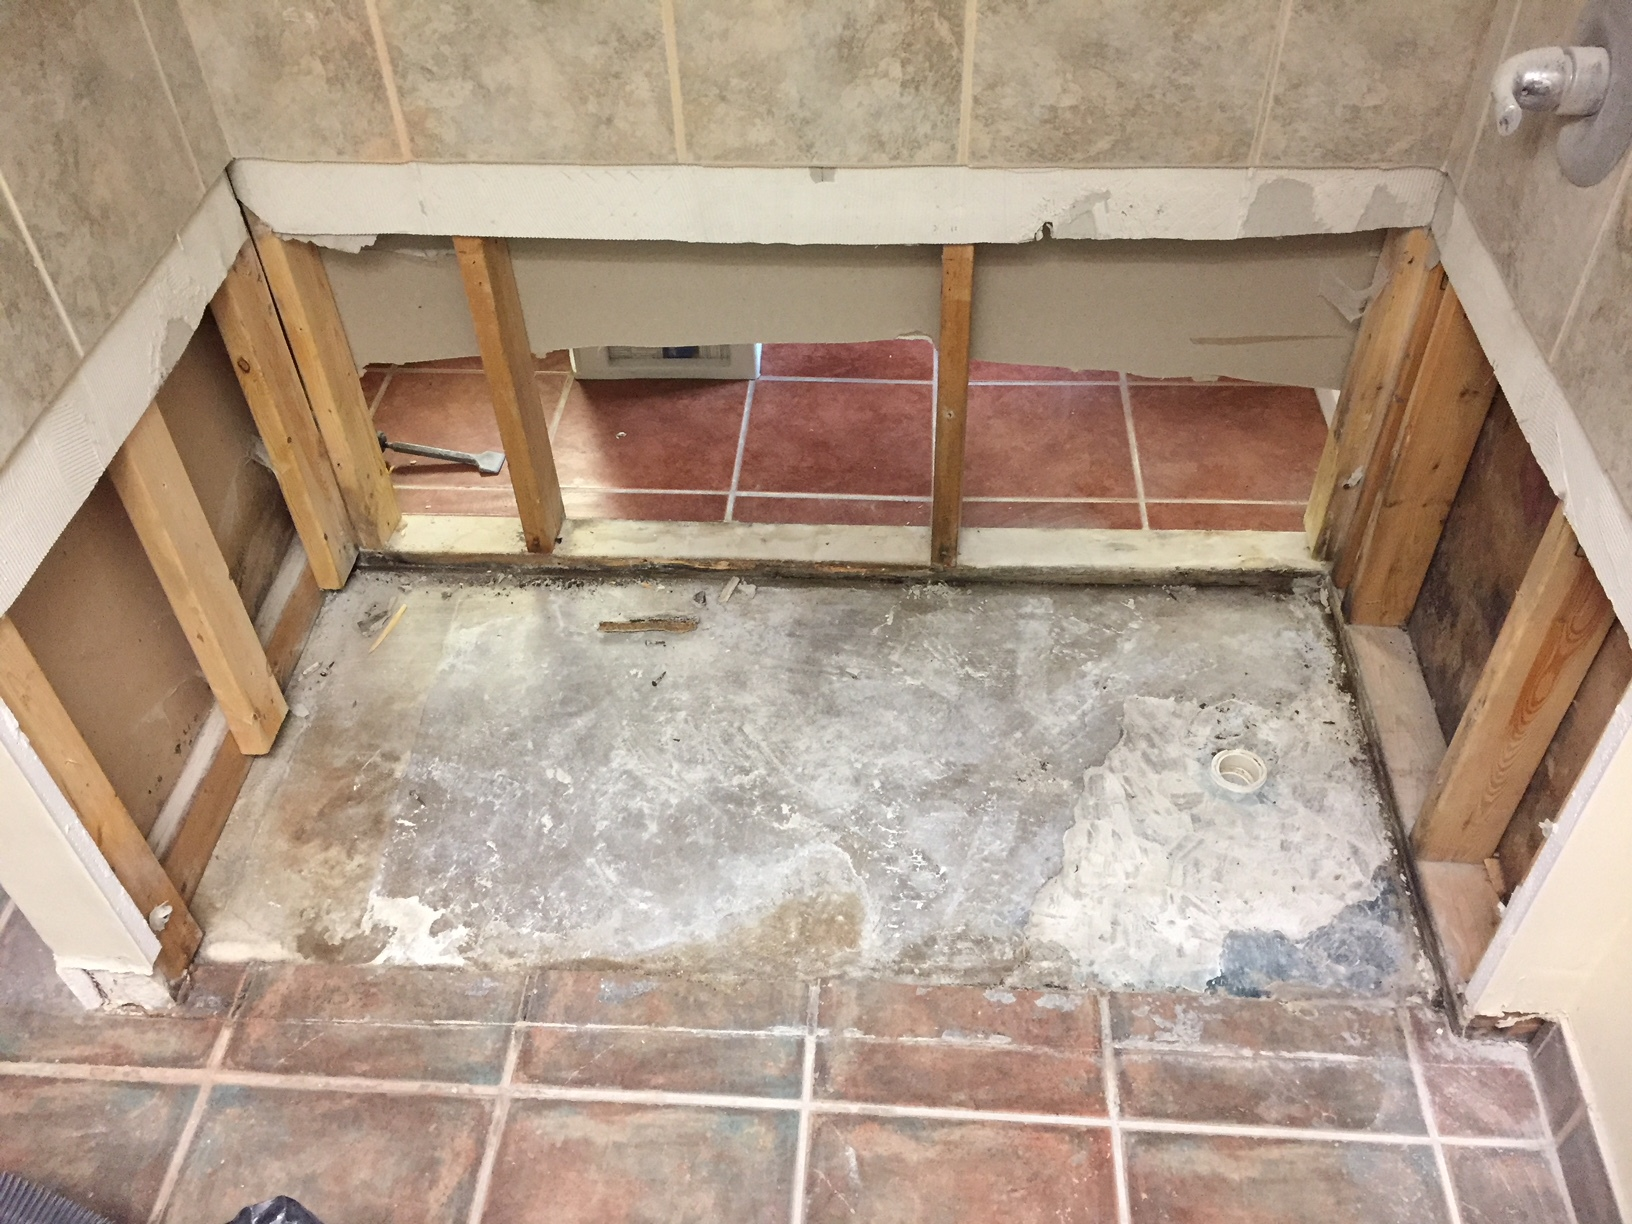 Leaking Shower Pan Repair Before